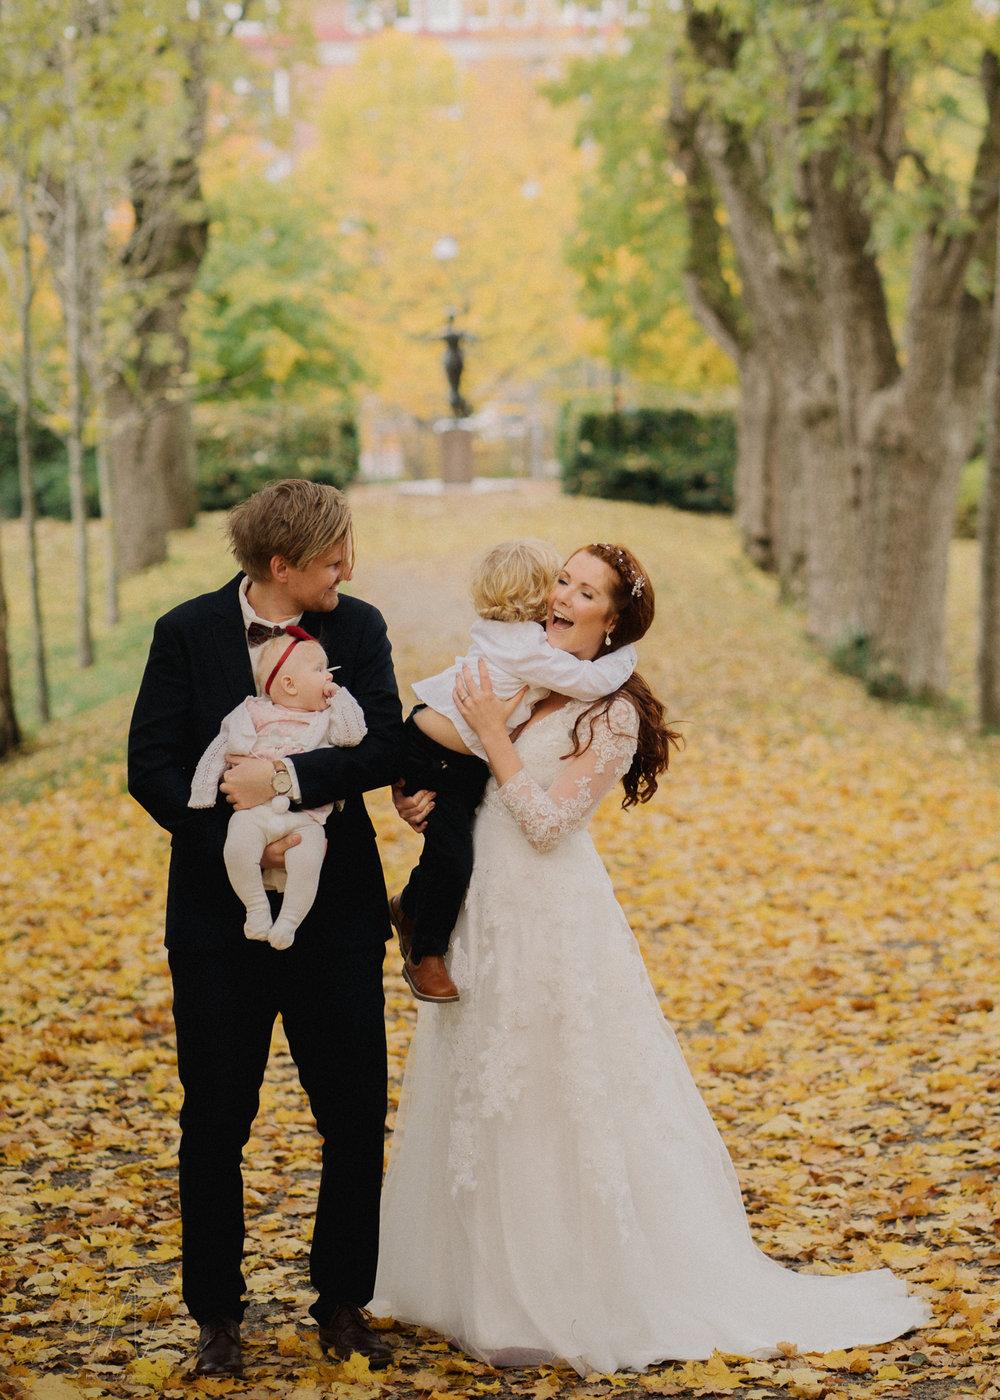 Bröllopsfoto-13okt-fotograf-max-norin-49.jpg